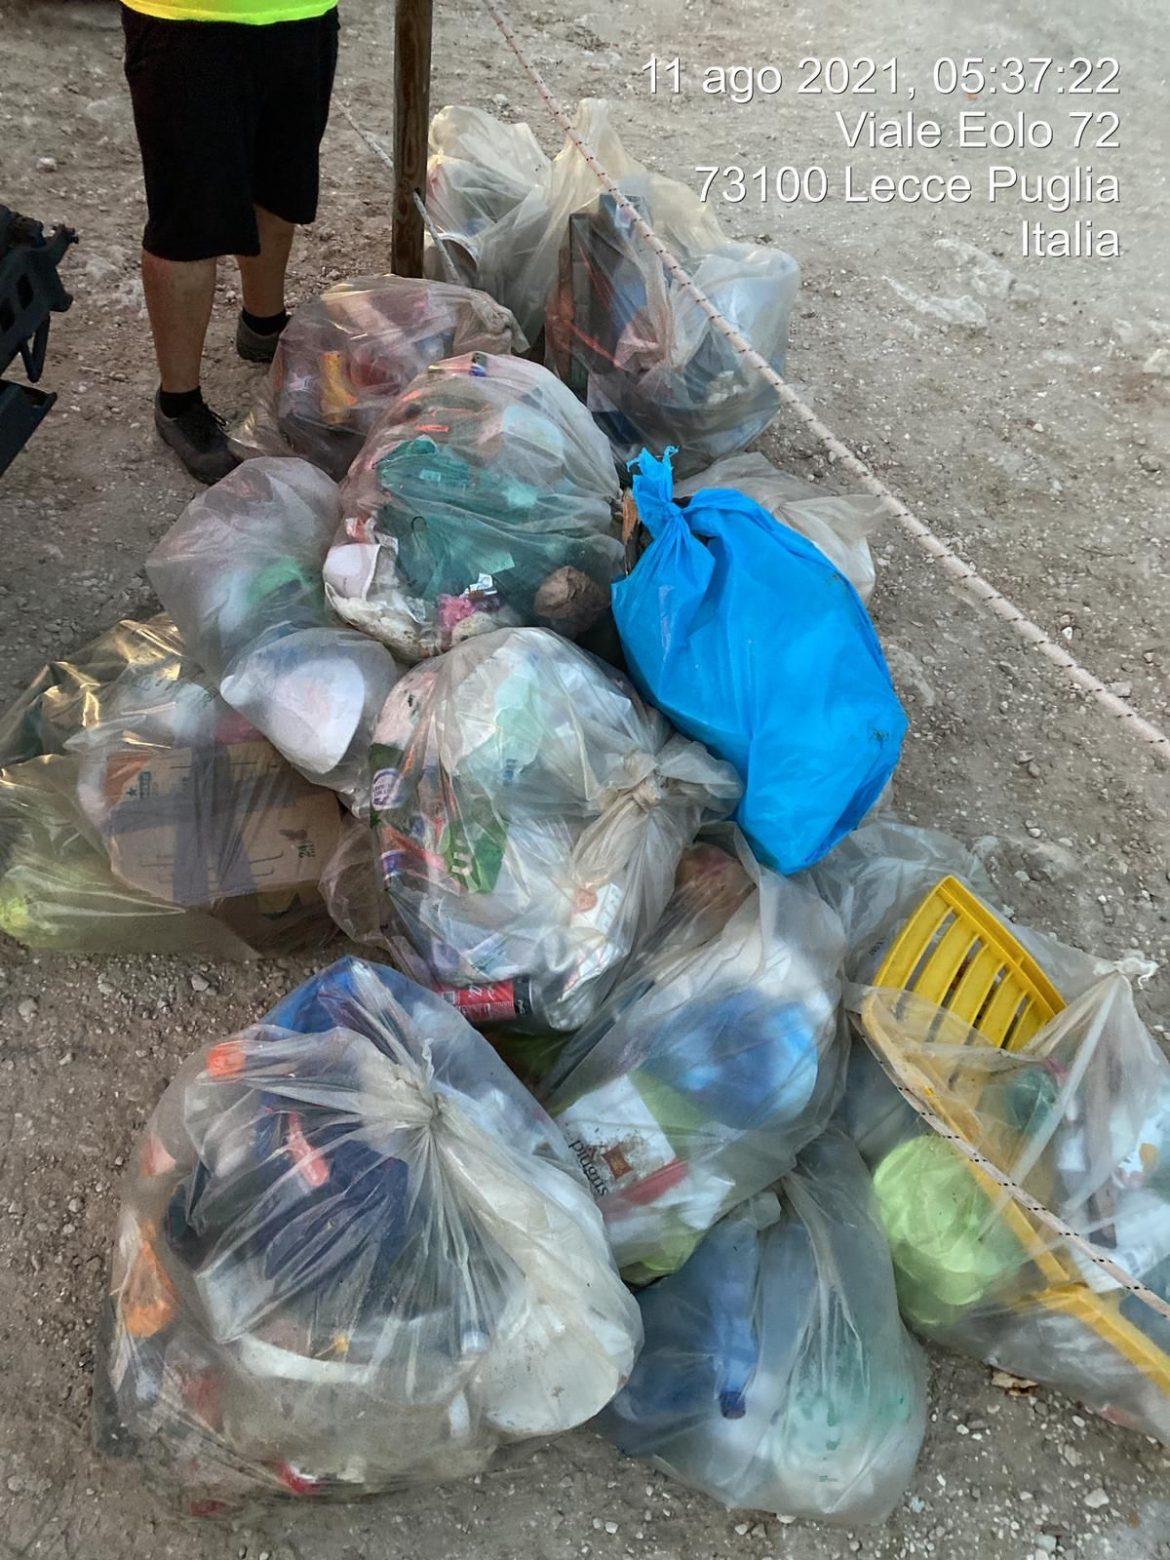 Notte di San Lorenzo, cumuli di rifiuti sulle spiagge leccesi: il volto spiacevole del divertimento